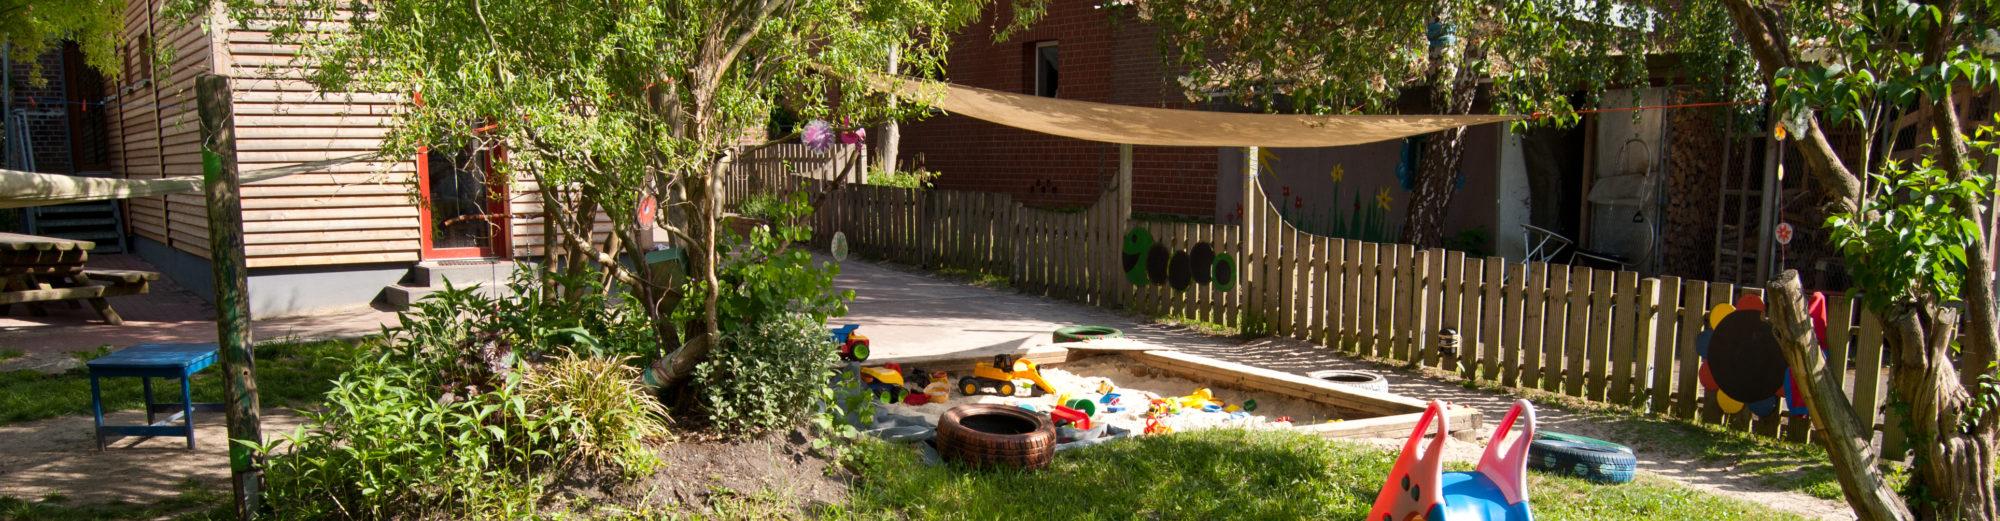 Kindertagesstätte Dortmund West e.V.